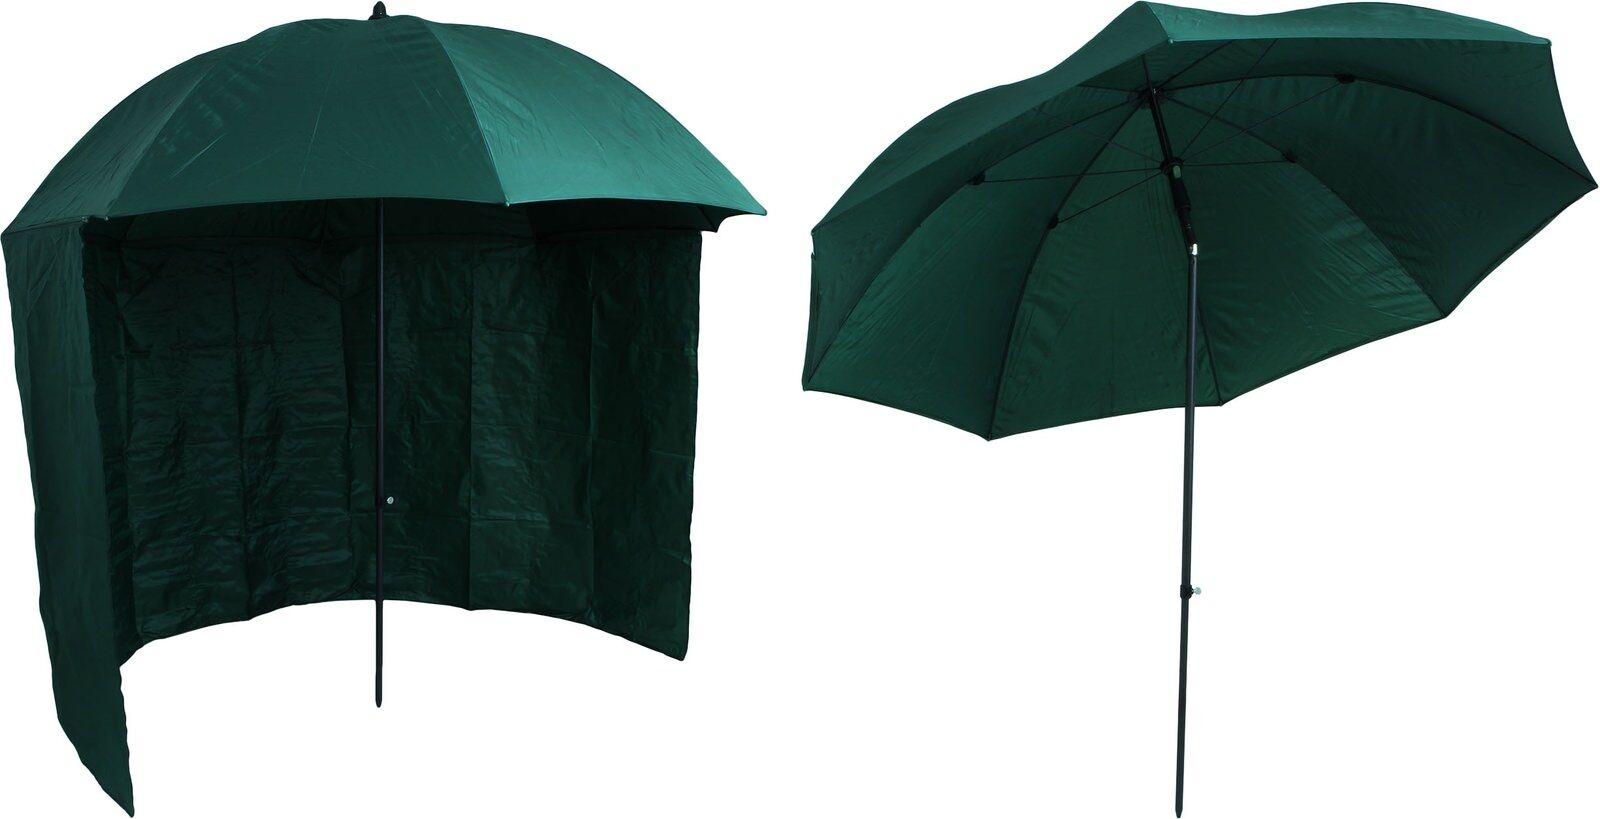 Angel paraguas paraguas carpa para celebraciones angel pescar angel sombrilla con lona páginas